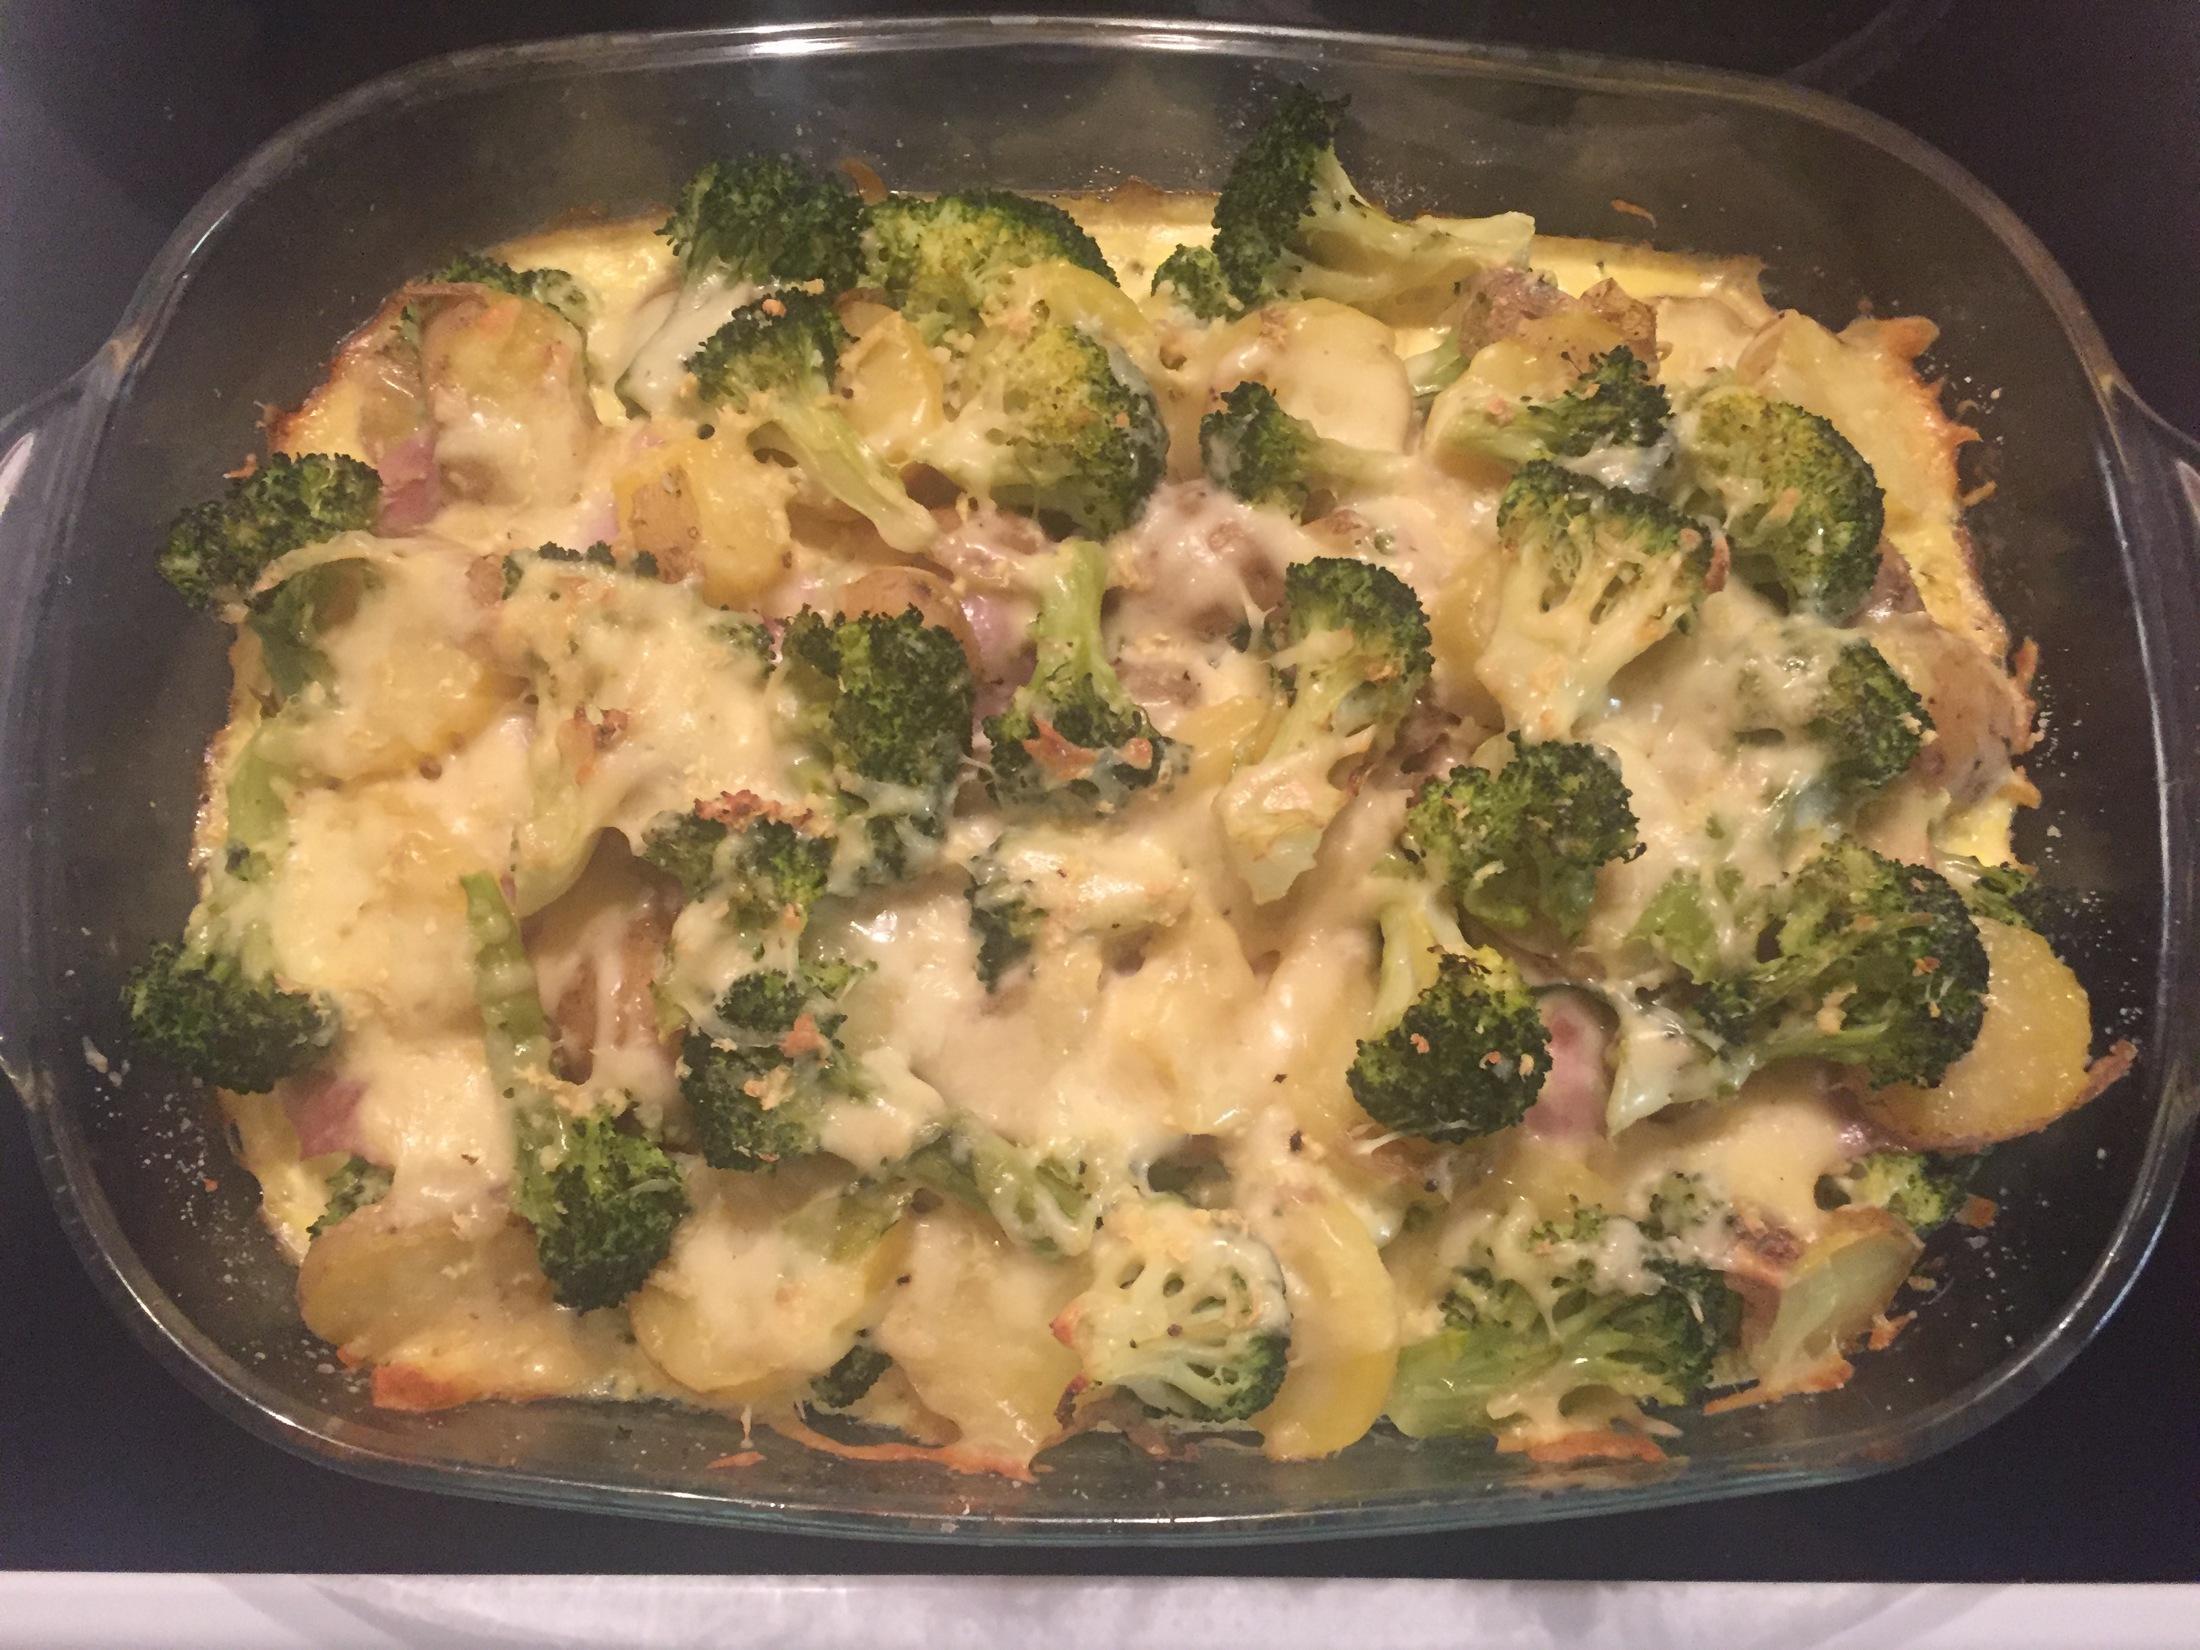 Recept Výborná zapečená brokolice se sýrem - Zapečená brokolice se šunkou a sýrem